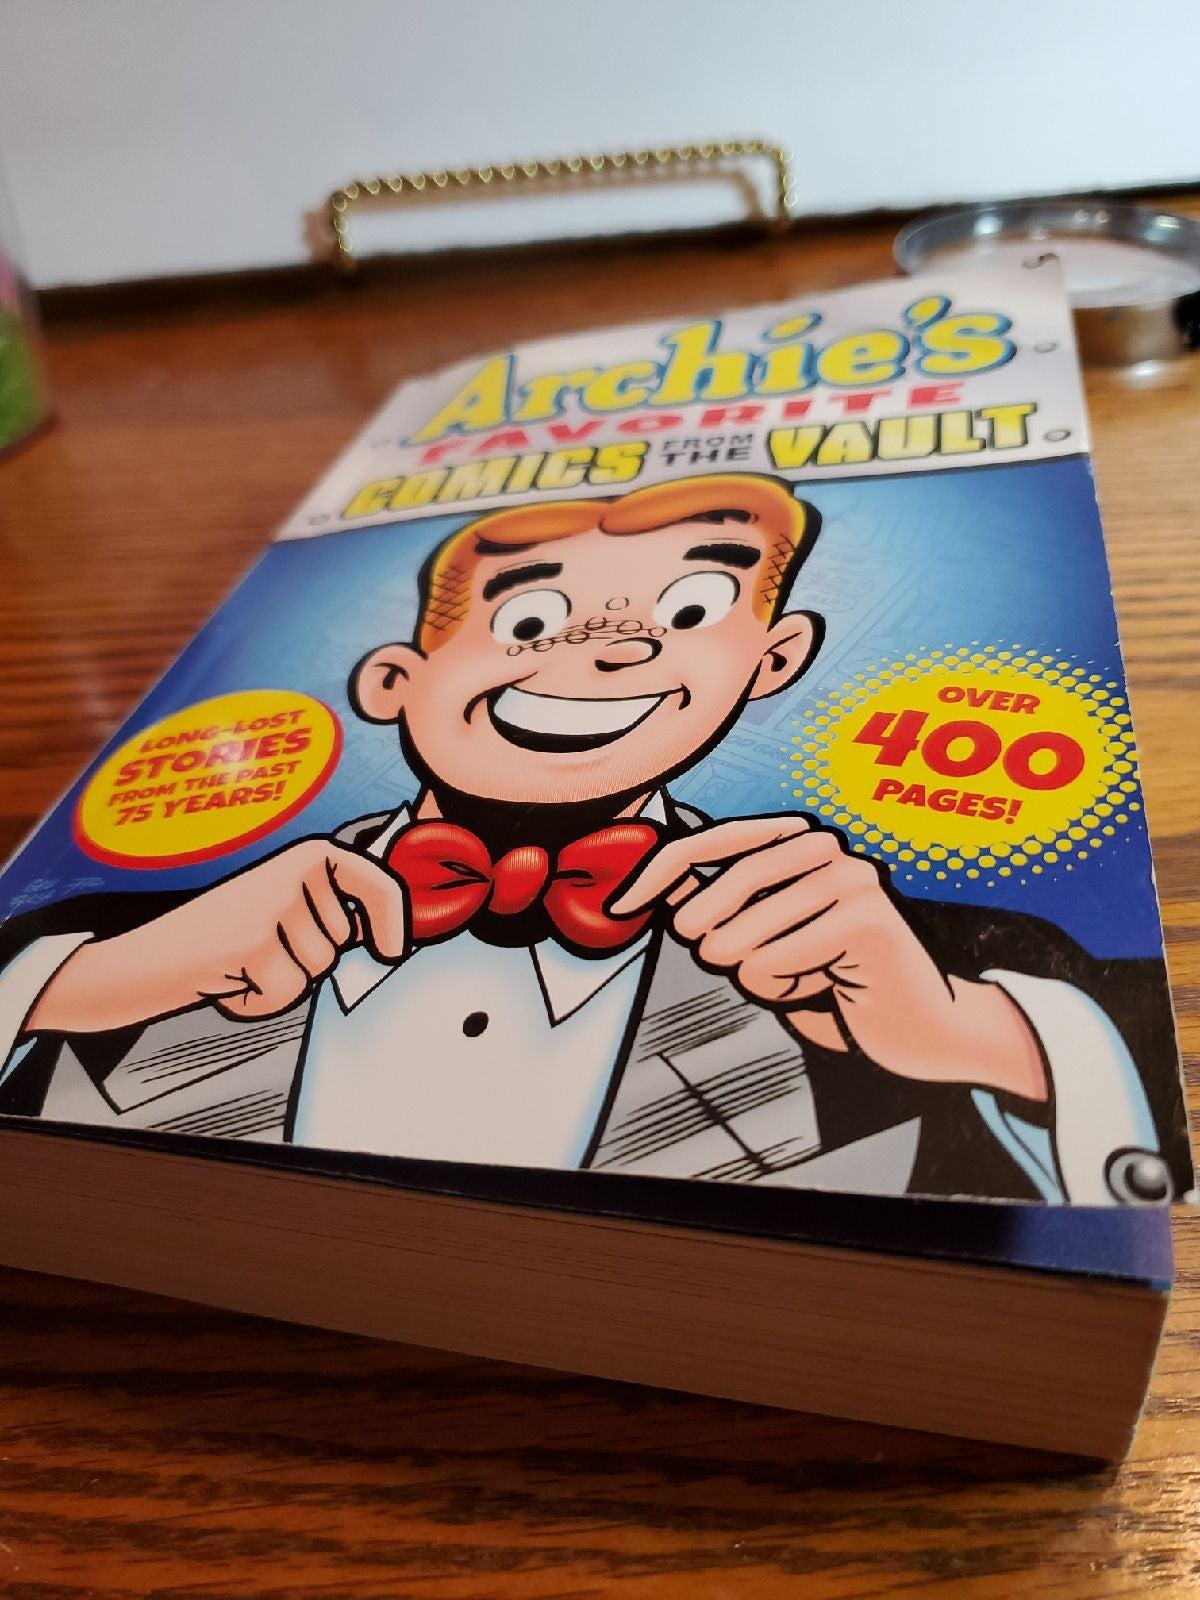 Archie comics. 400 pages of archie comic